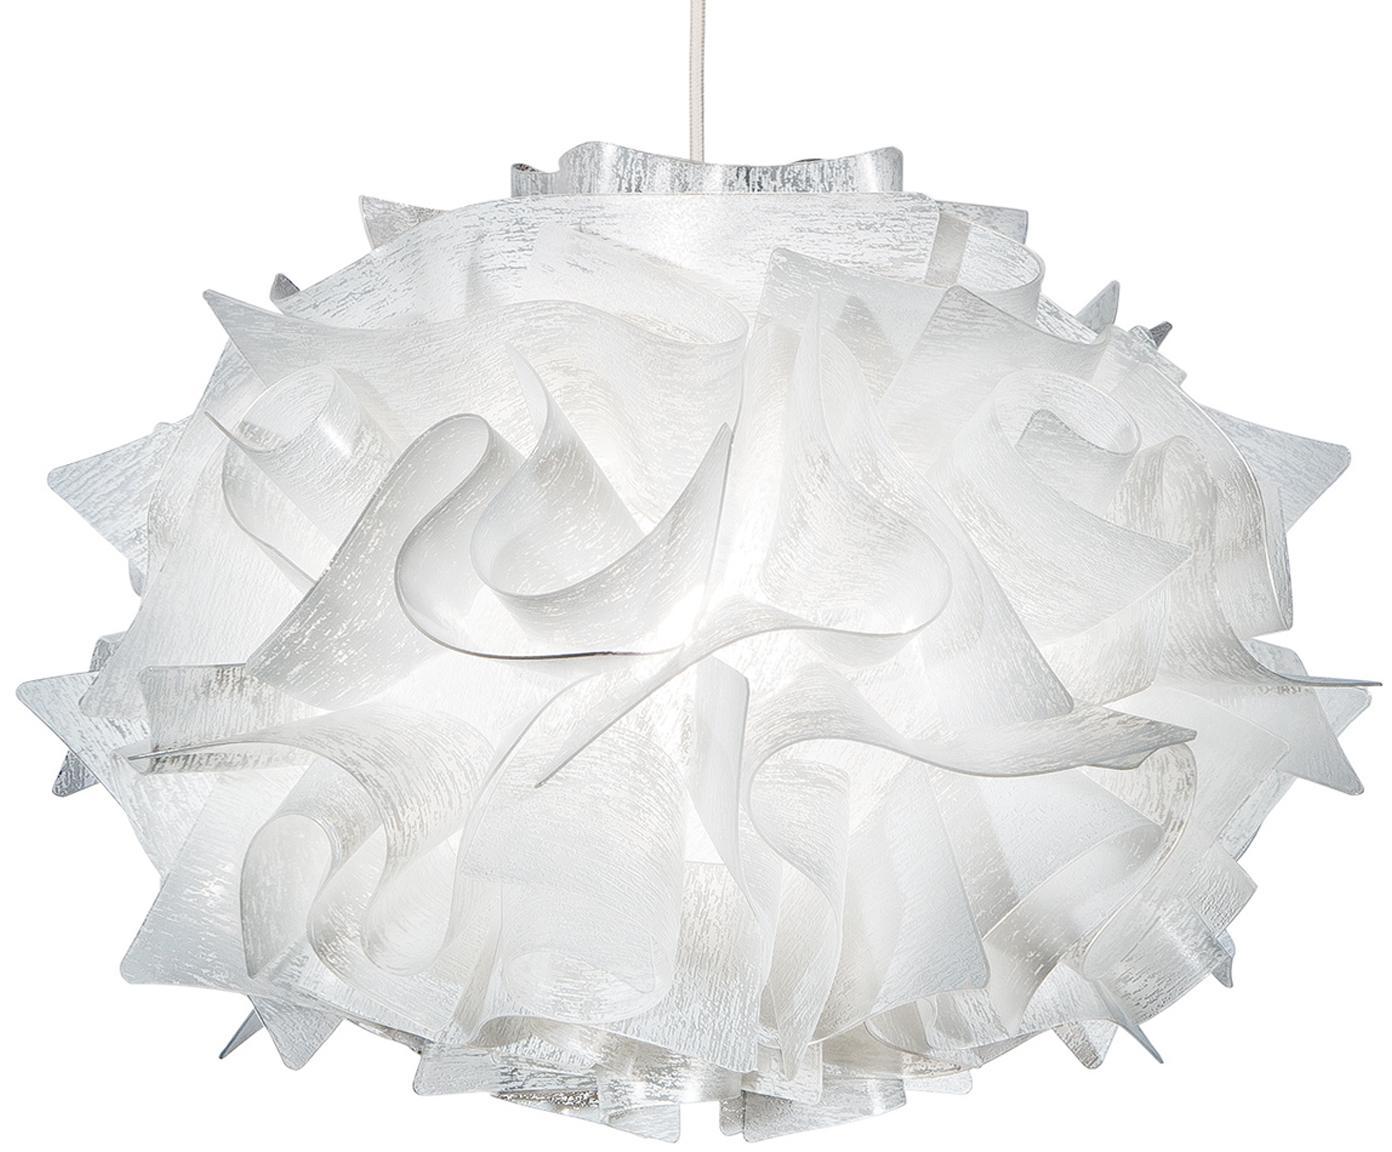 Lampada a sospensione di design Veli Mini, Tecnopolimero Opalflex®, riciclabile, infrangibile, flessibile, con rivestimento antistatico, resistente ai raggi UV e al calore, Bianco, Ø 32 x Alt. 22 cm